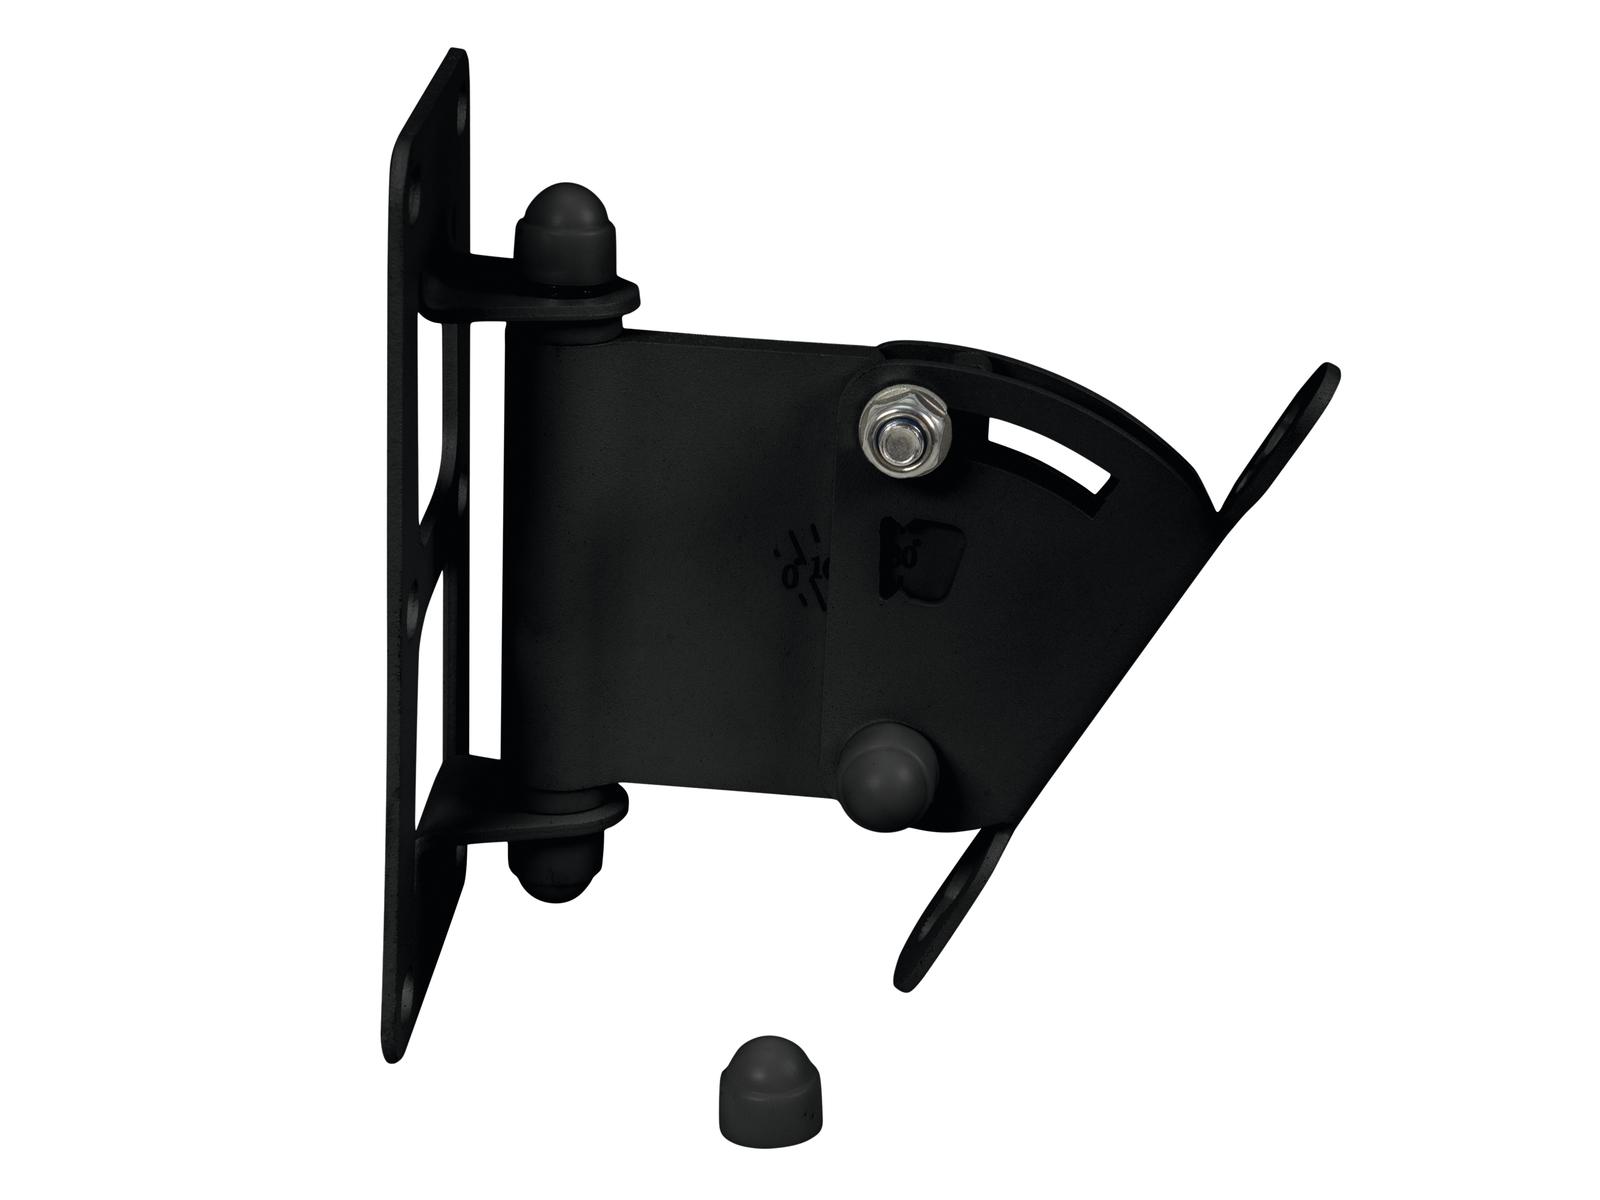 OMNITRONIC Wandhalterung für ODP-208 schwarz